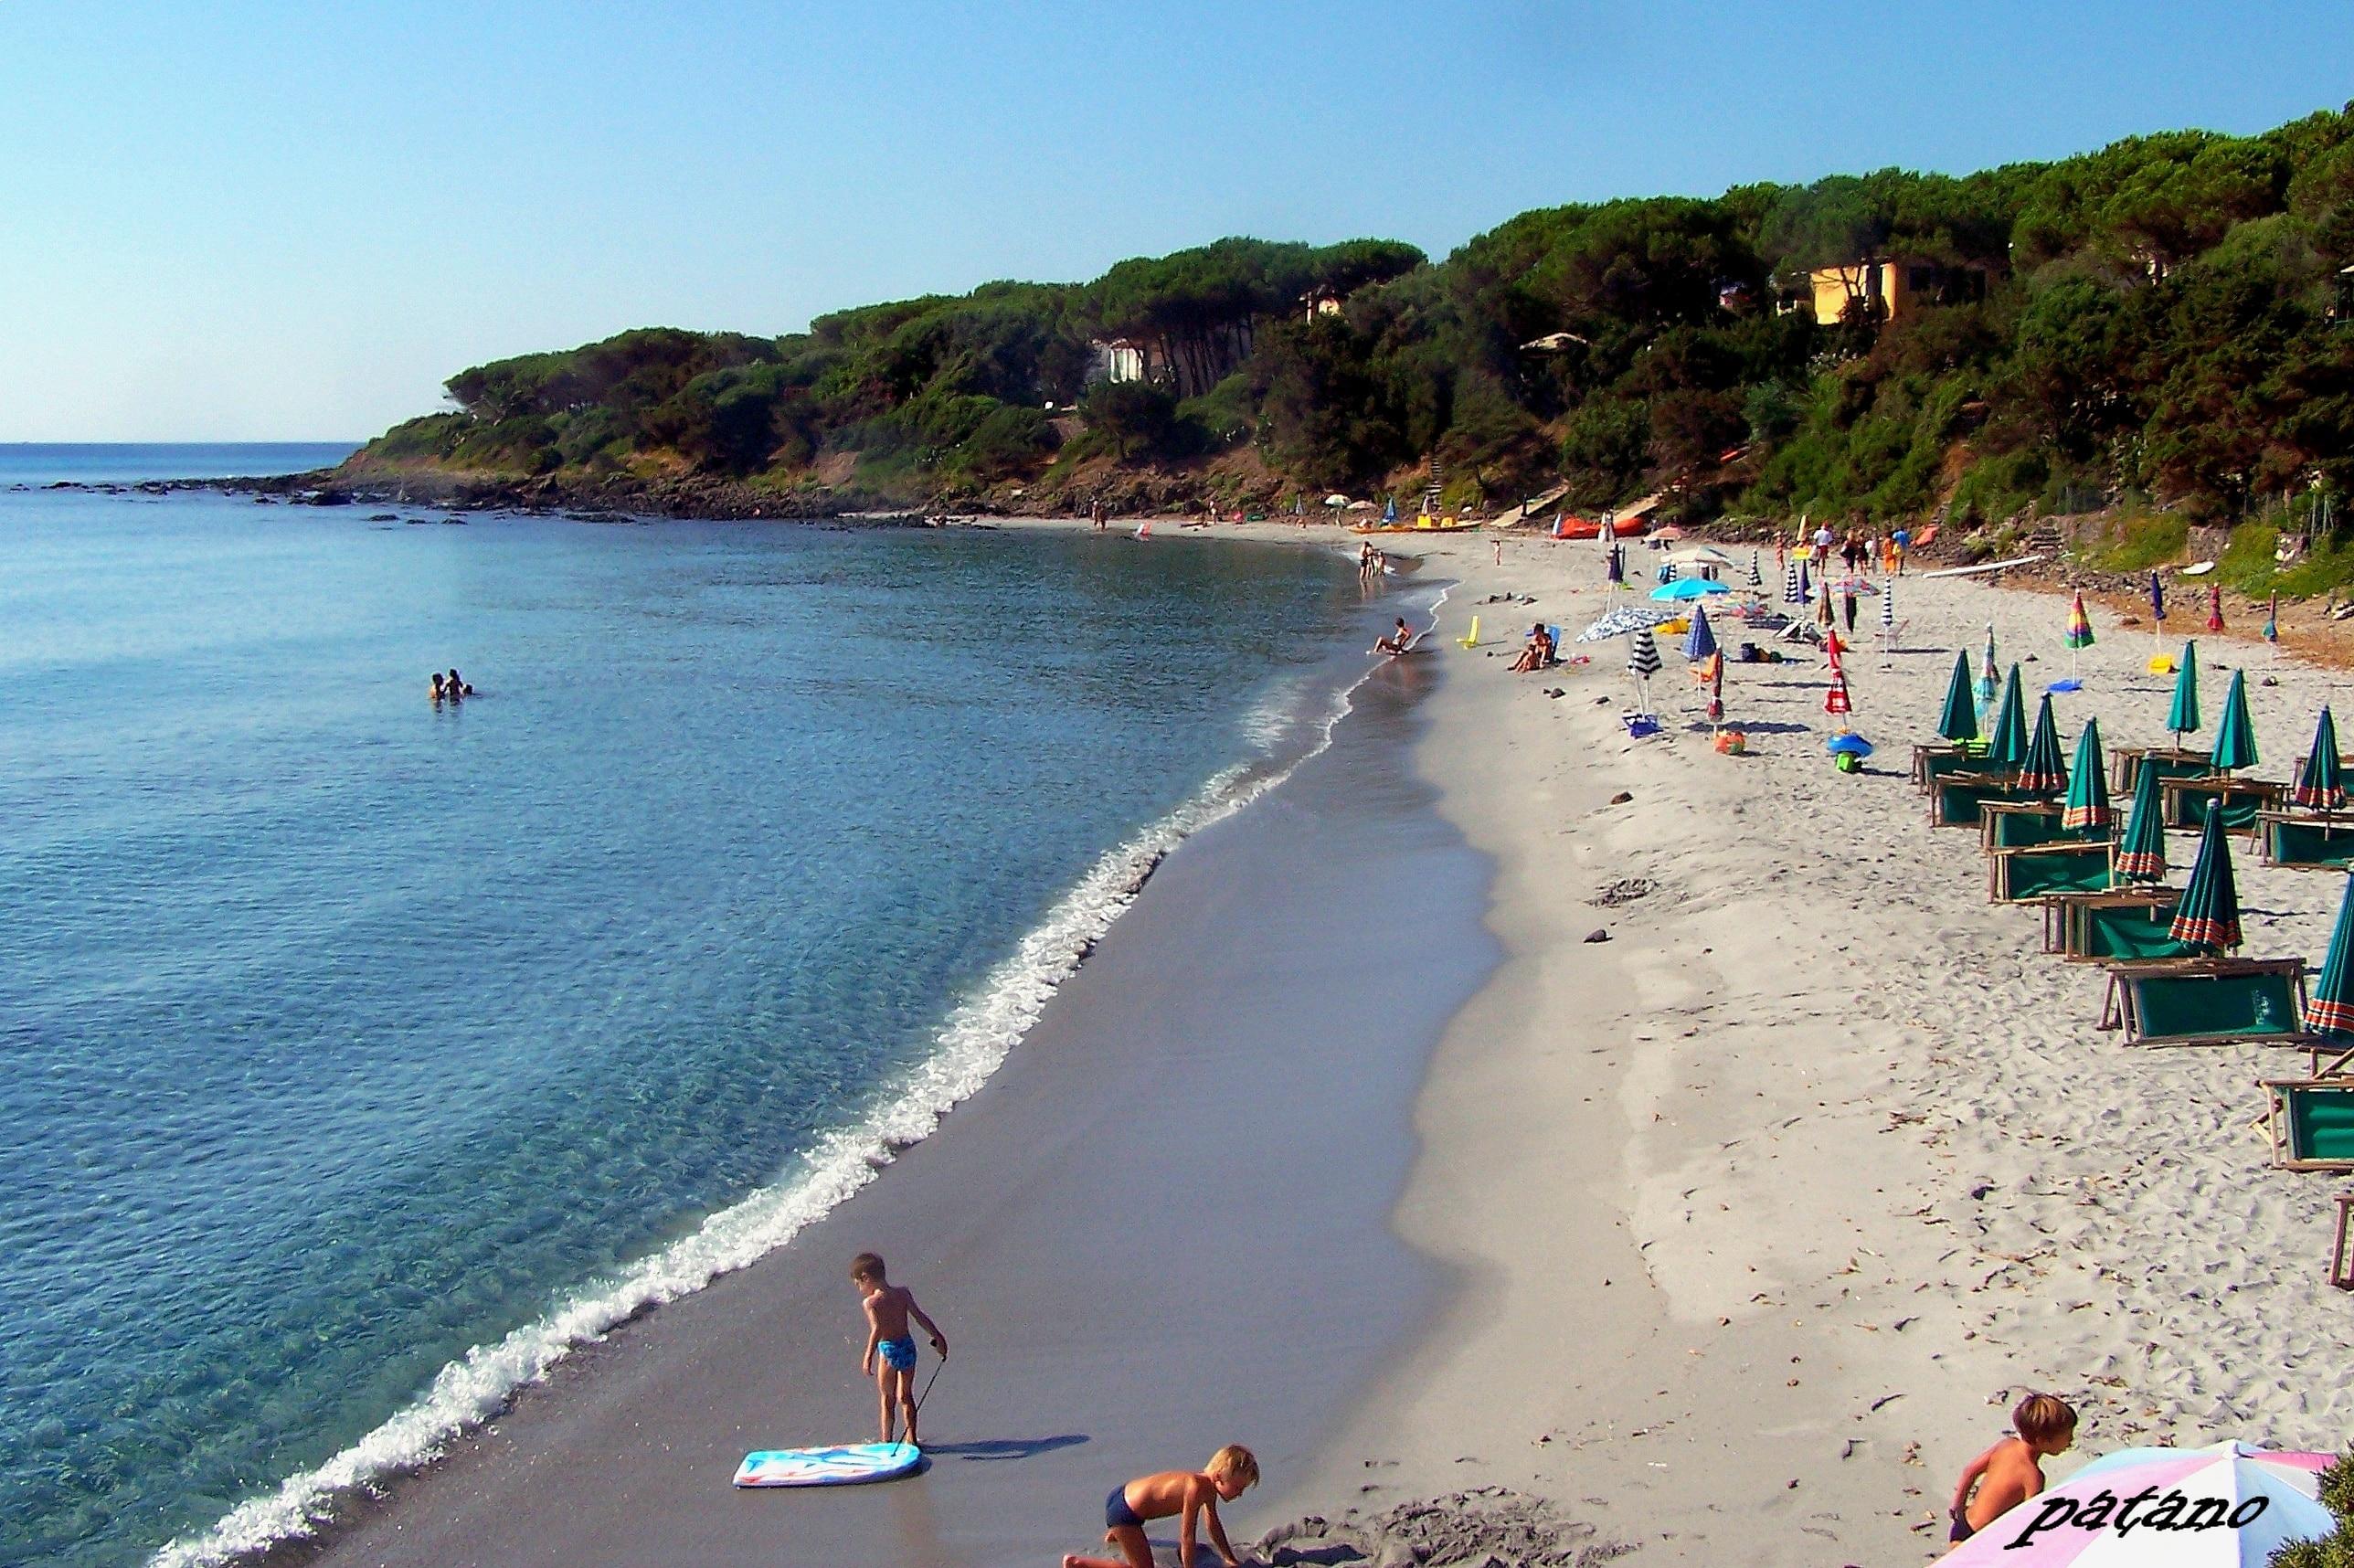 Sas Linnas Siccas, Orosei, Sardinia, Italy